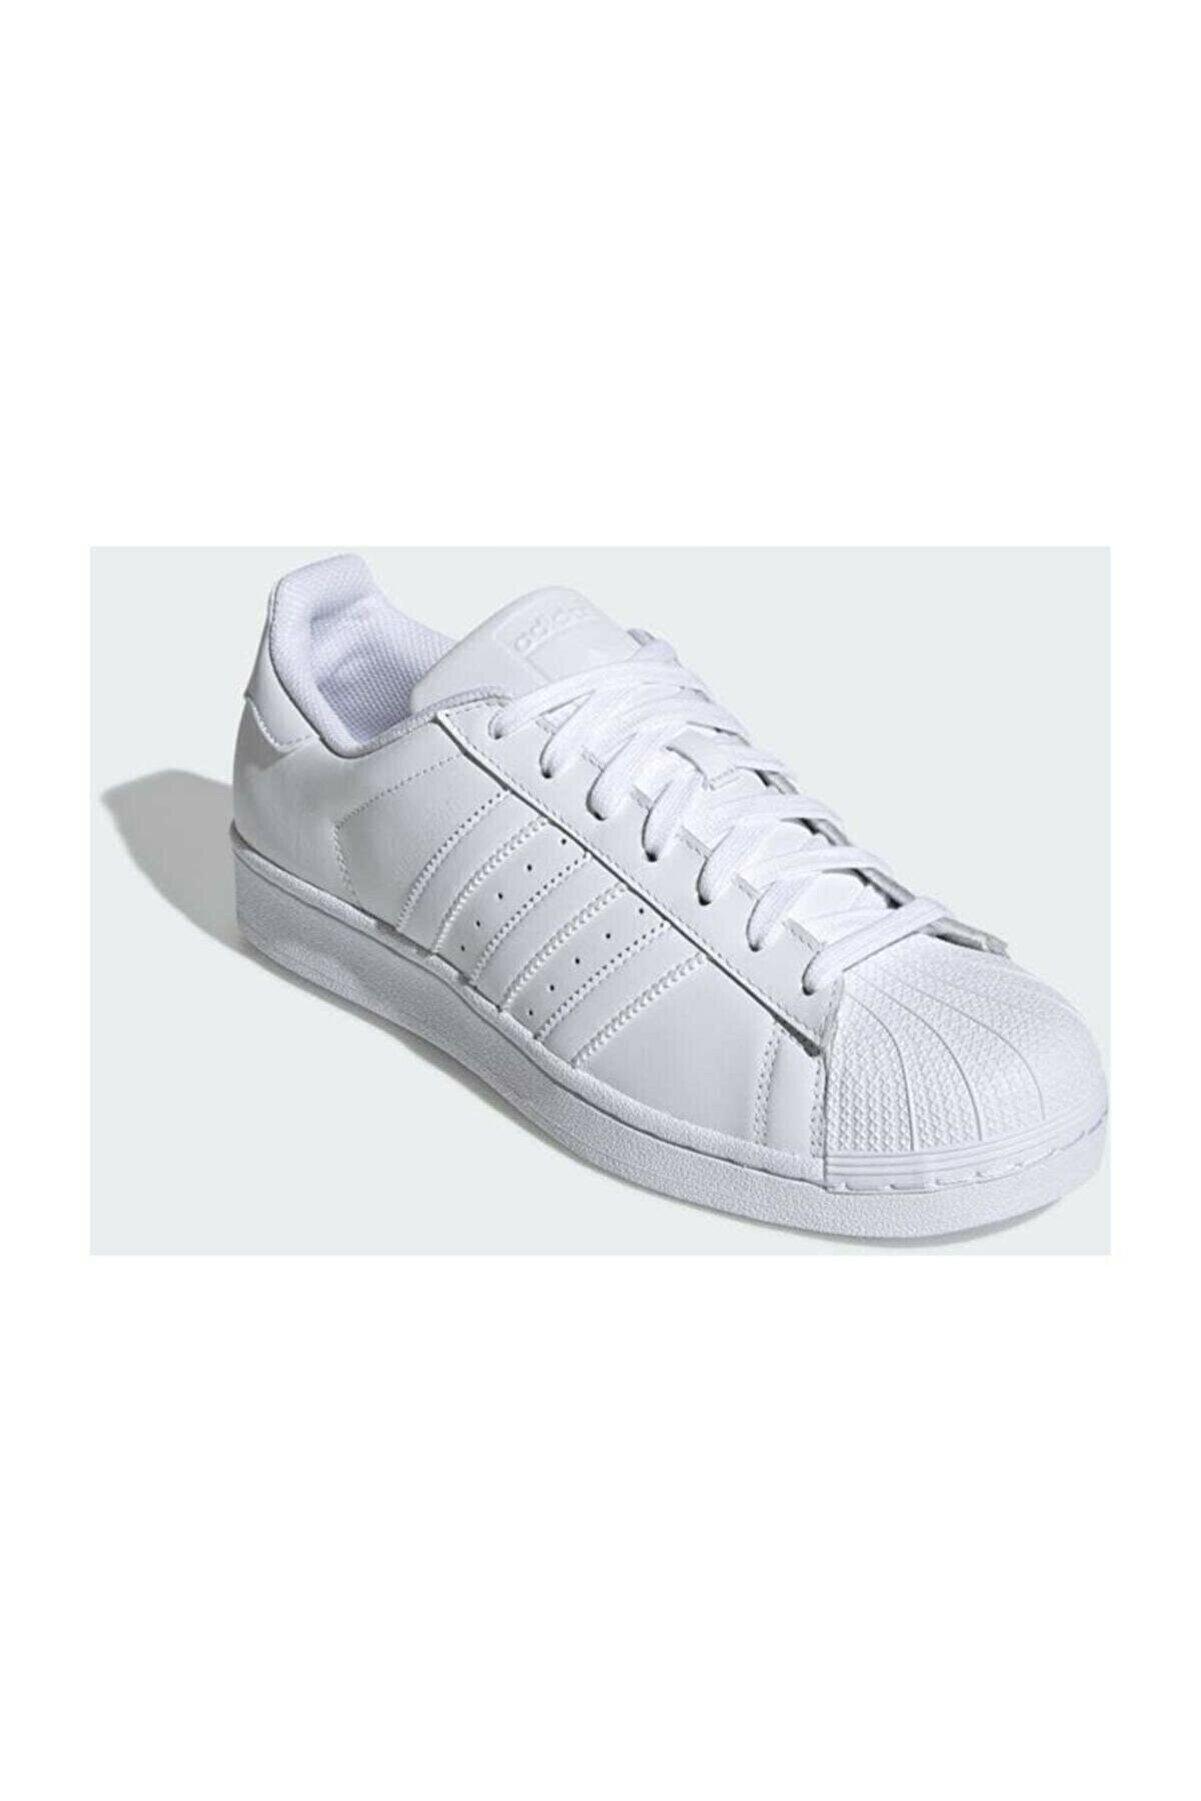 Unisex Superstar Foundatıon Sneaker B27136